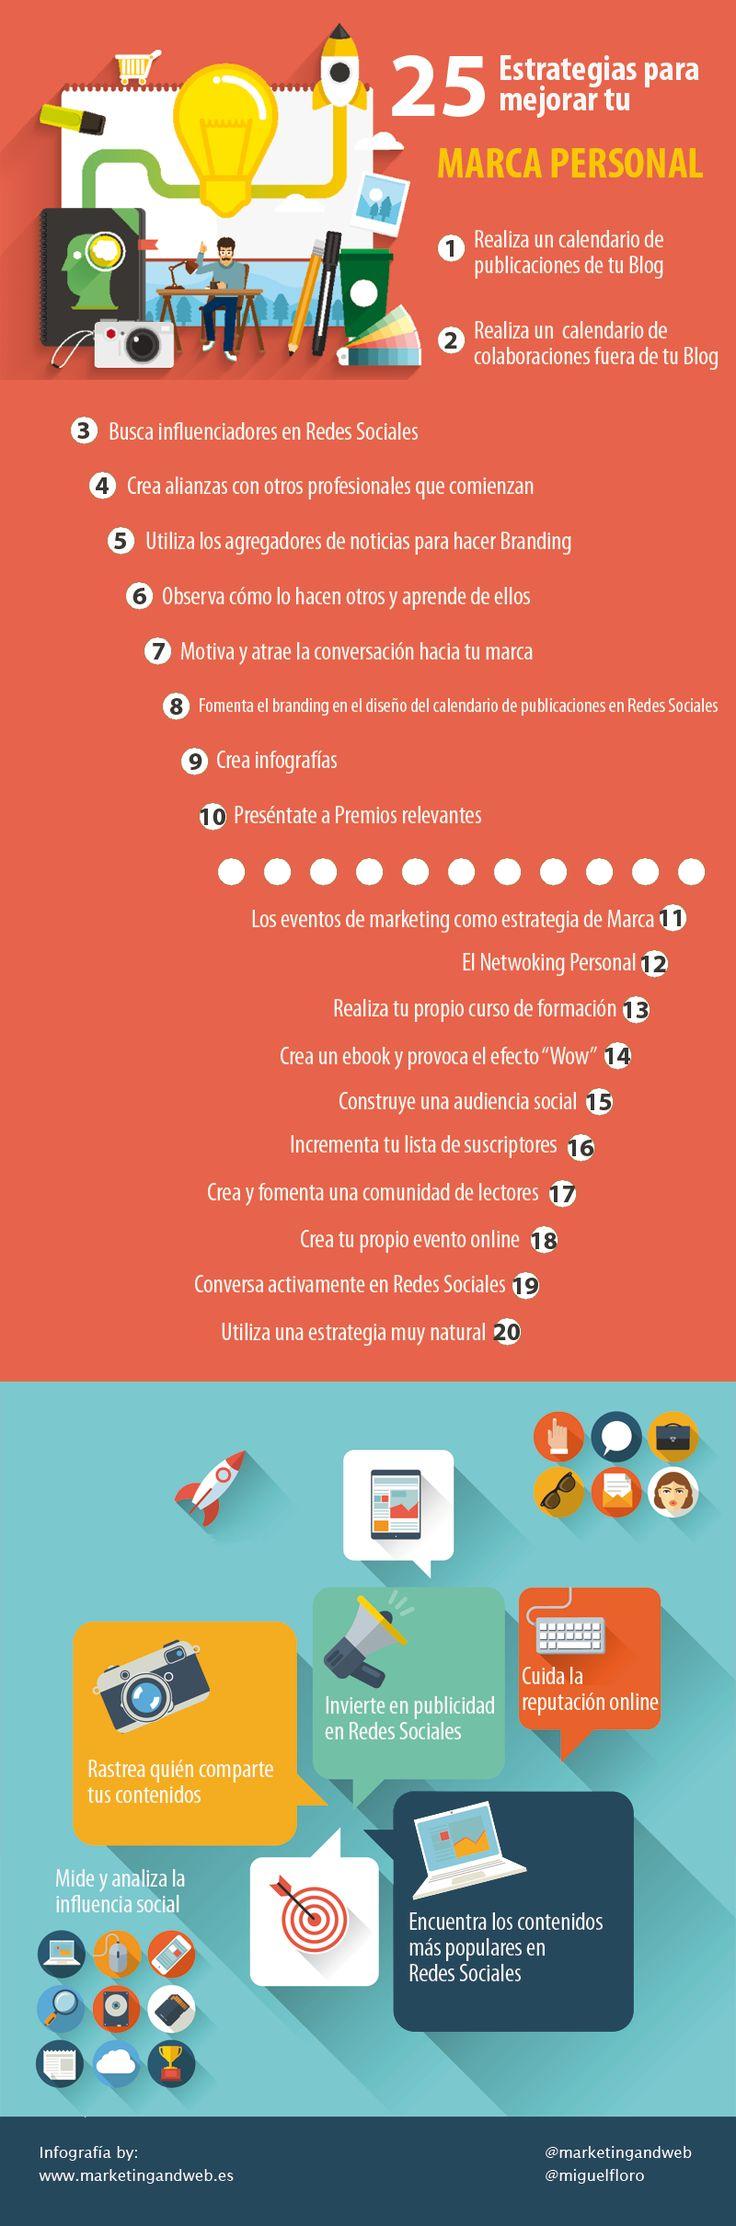 25 estrategias para mejorar tu marca personal #infografia de @marketingandweb